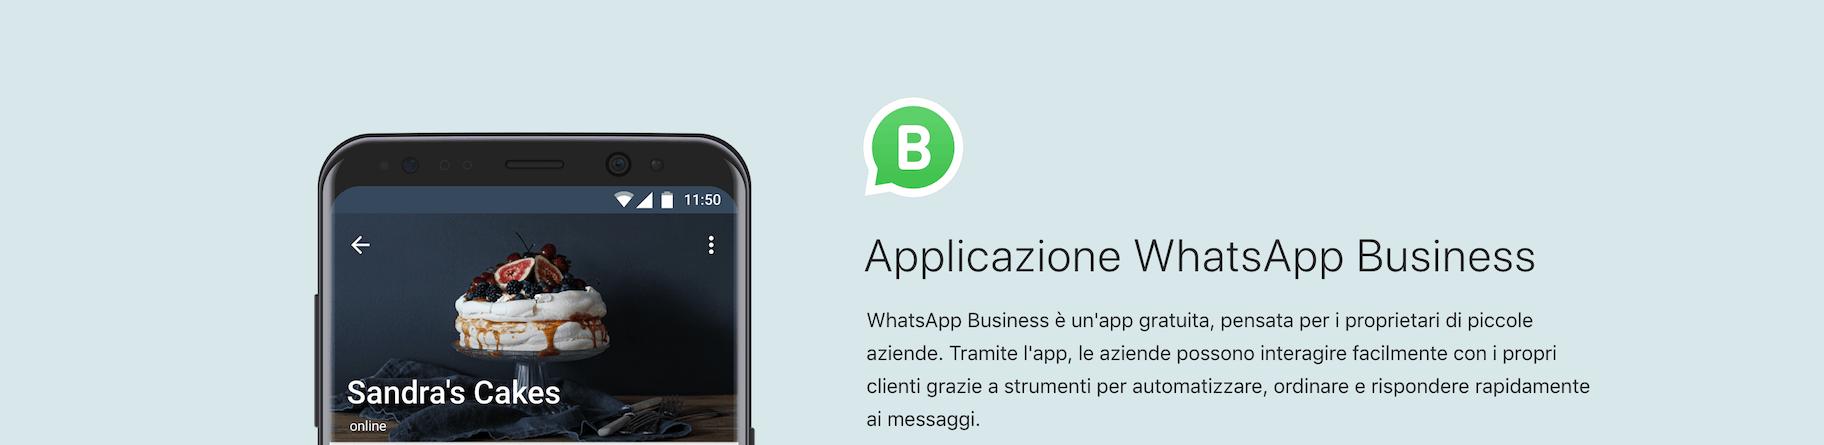 Applicazione WhatsApp Business